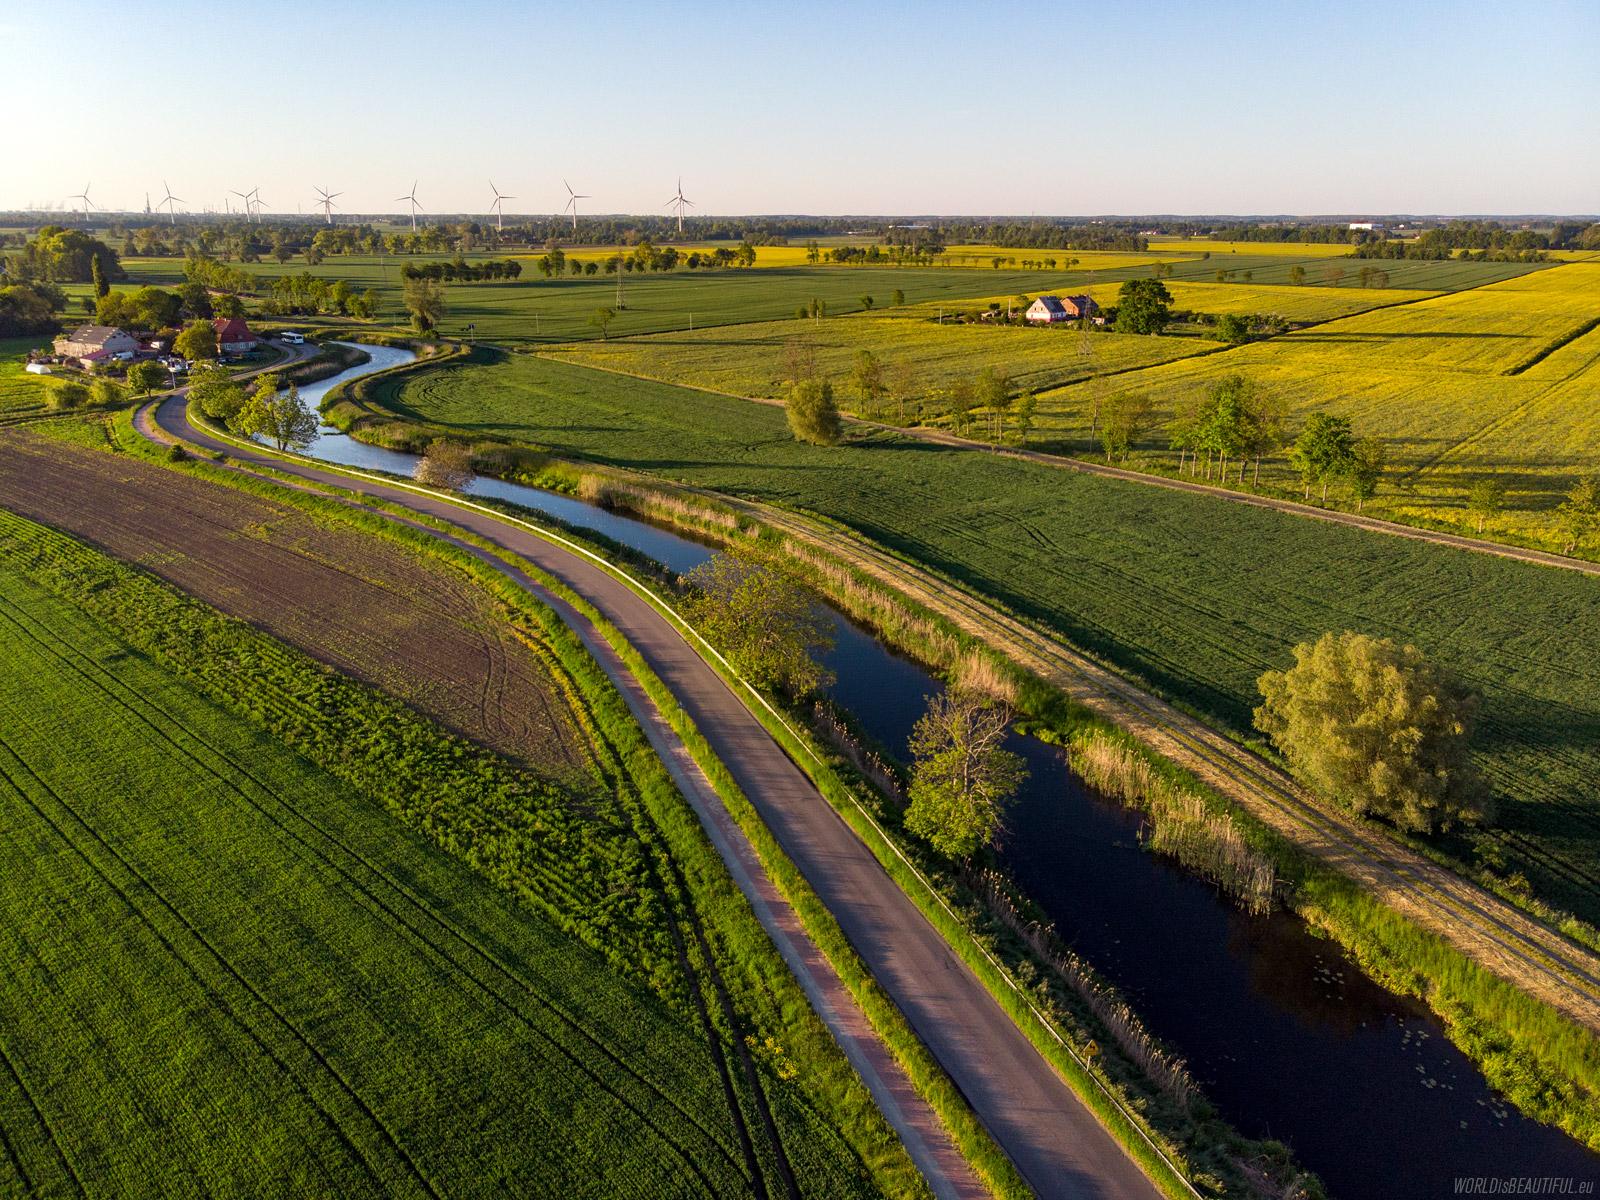 The Motława River flows to Gdańsk